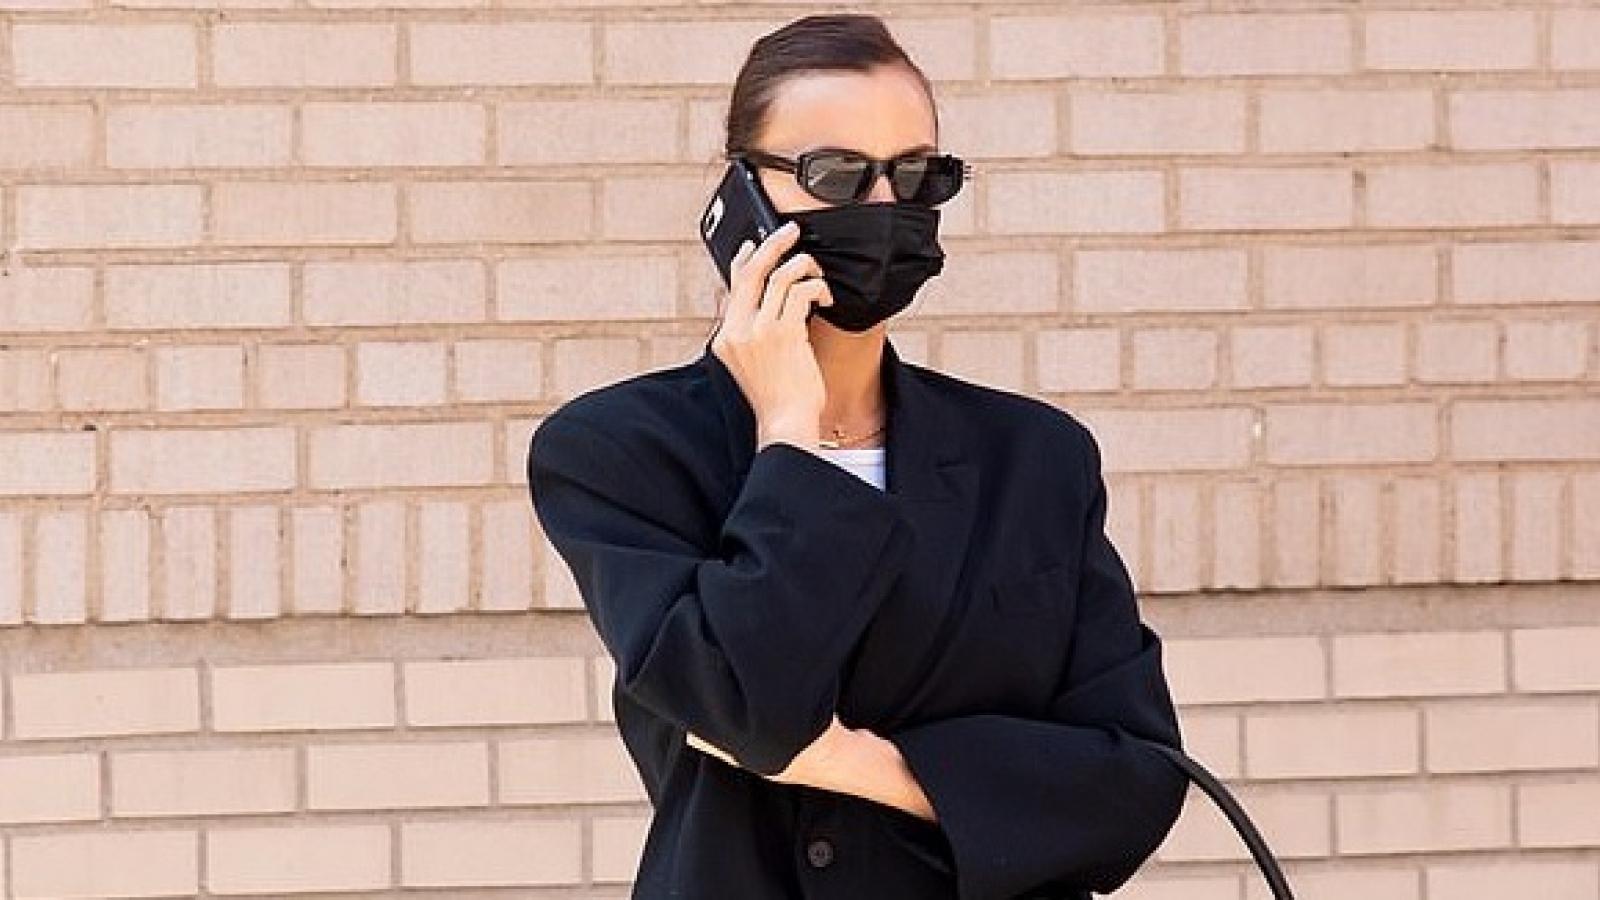 Siêu mẫu Irina Shayk thanh lịch ra phố